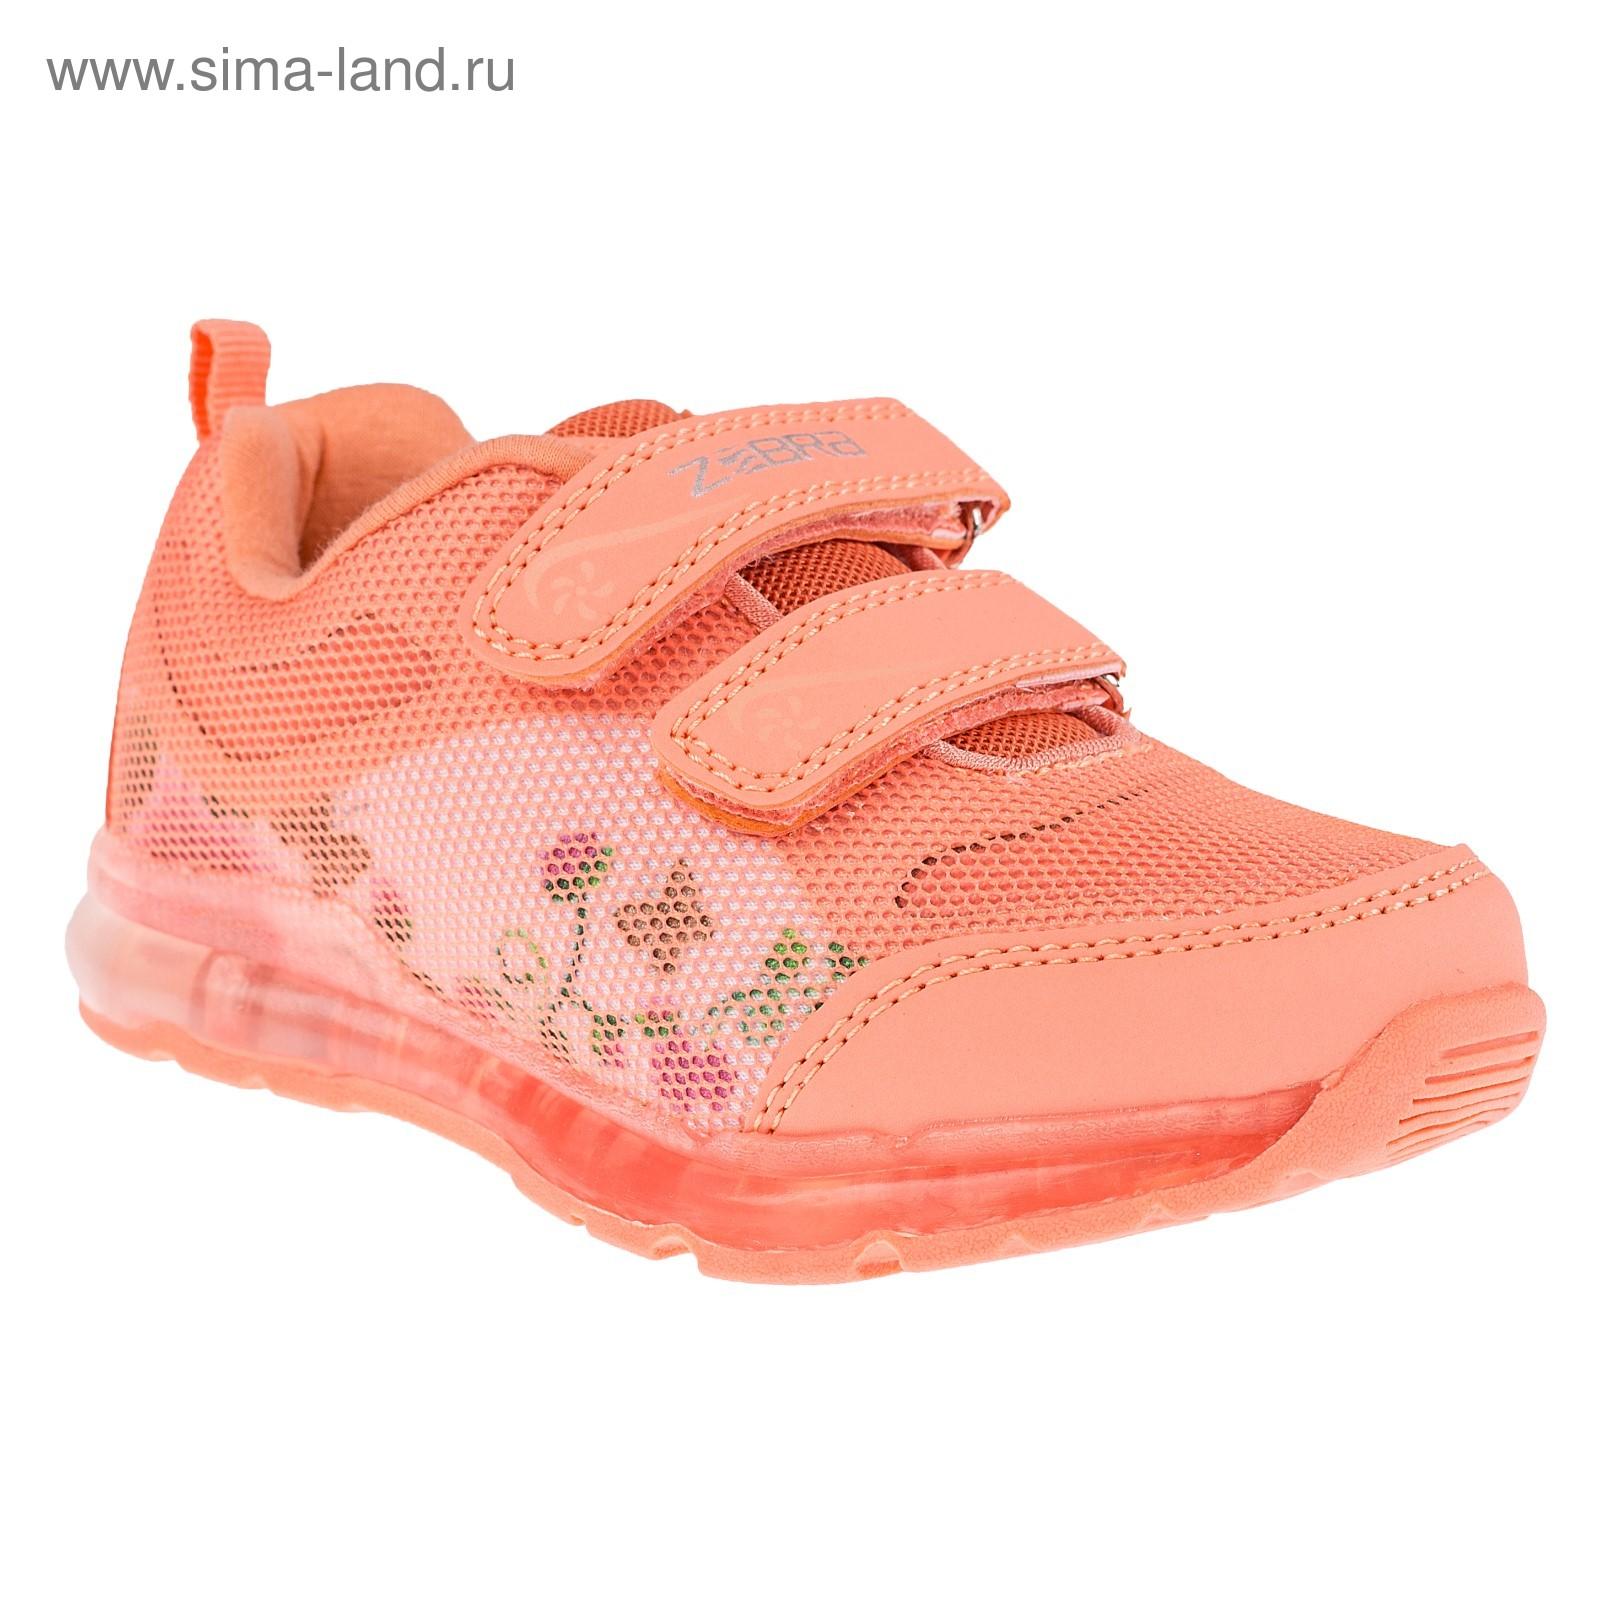 0a9c17a3 Кроссовки детские арт. 11604-18, цвет оранжевый, размер 29 (3546557 ...